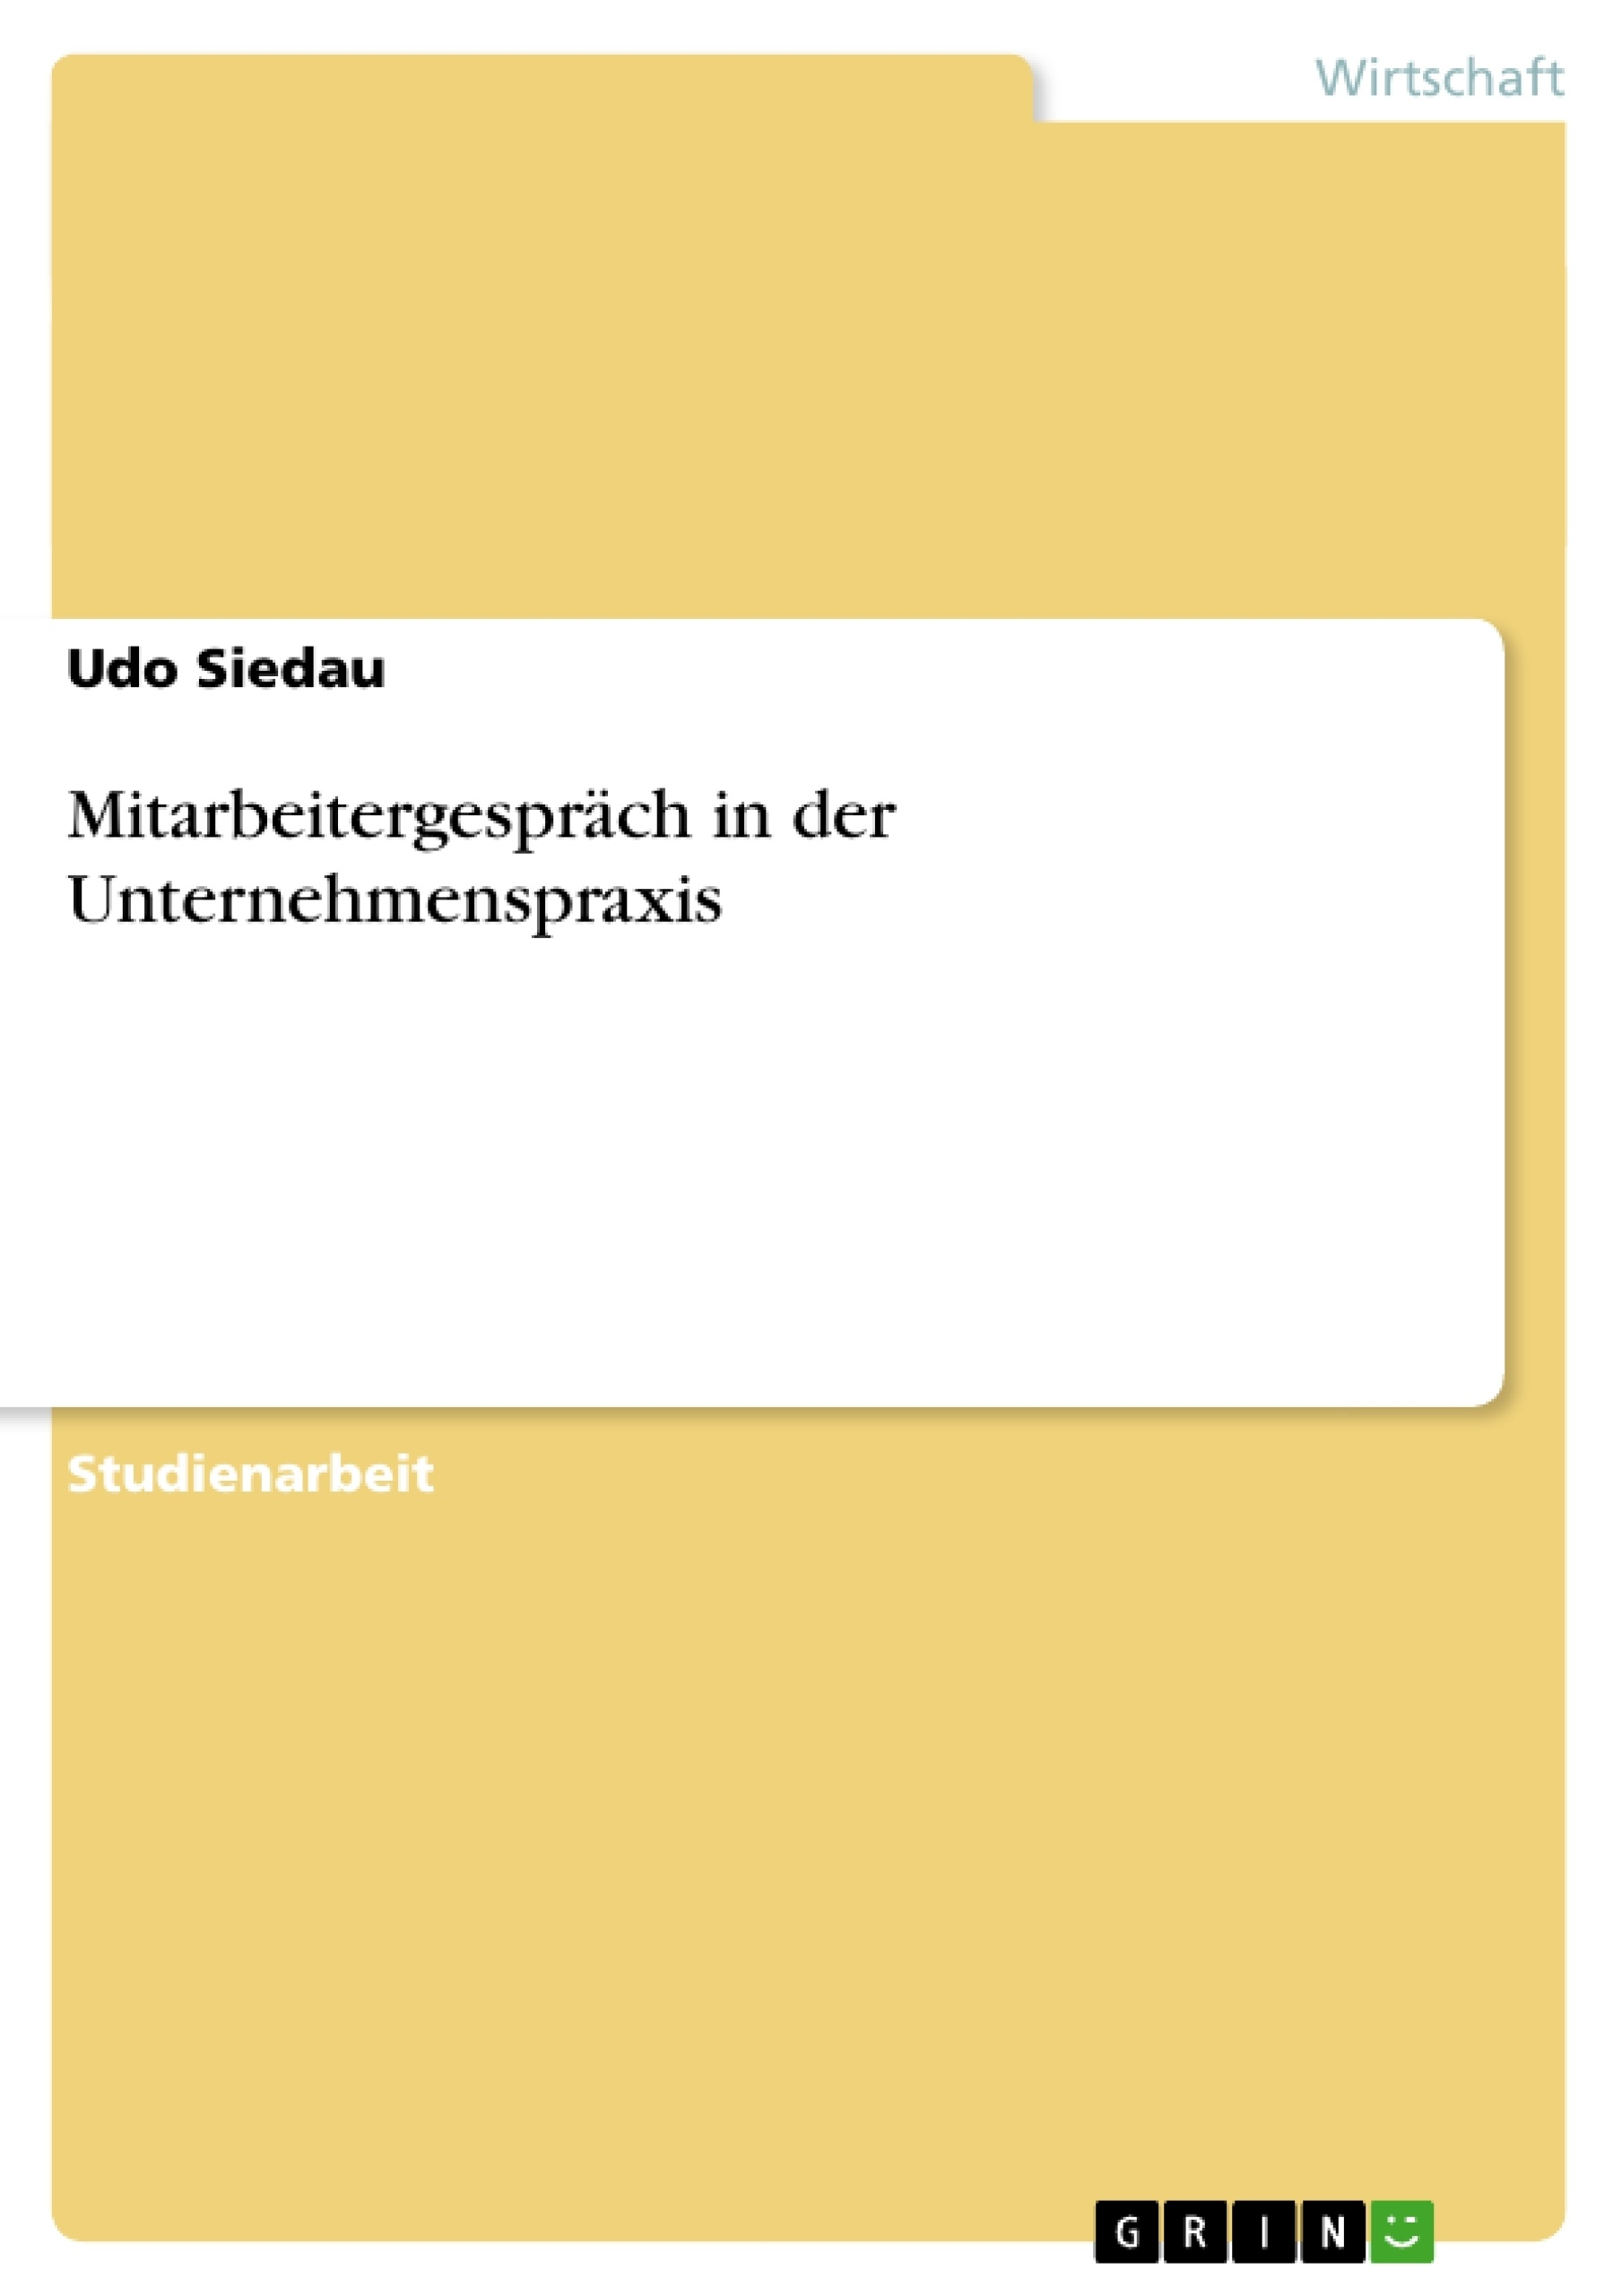 Titel: Mitarbeitergespräch in der Unternehmenspraxis